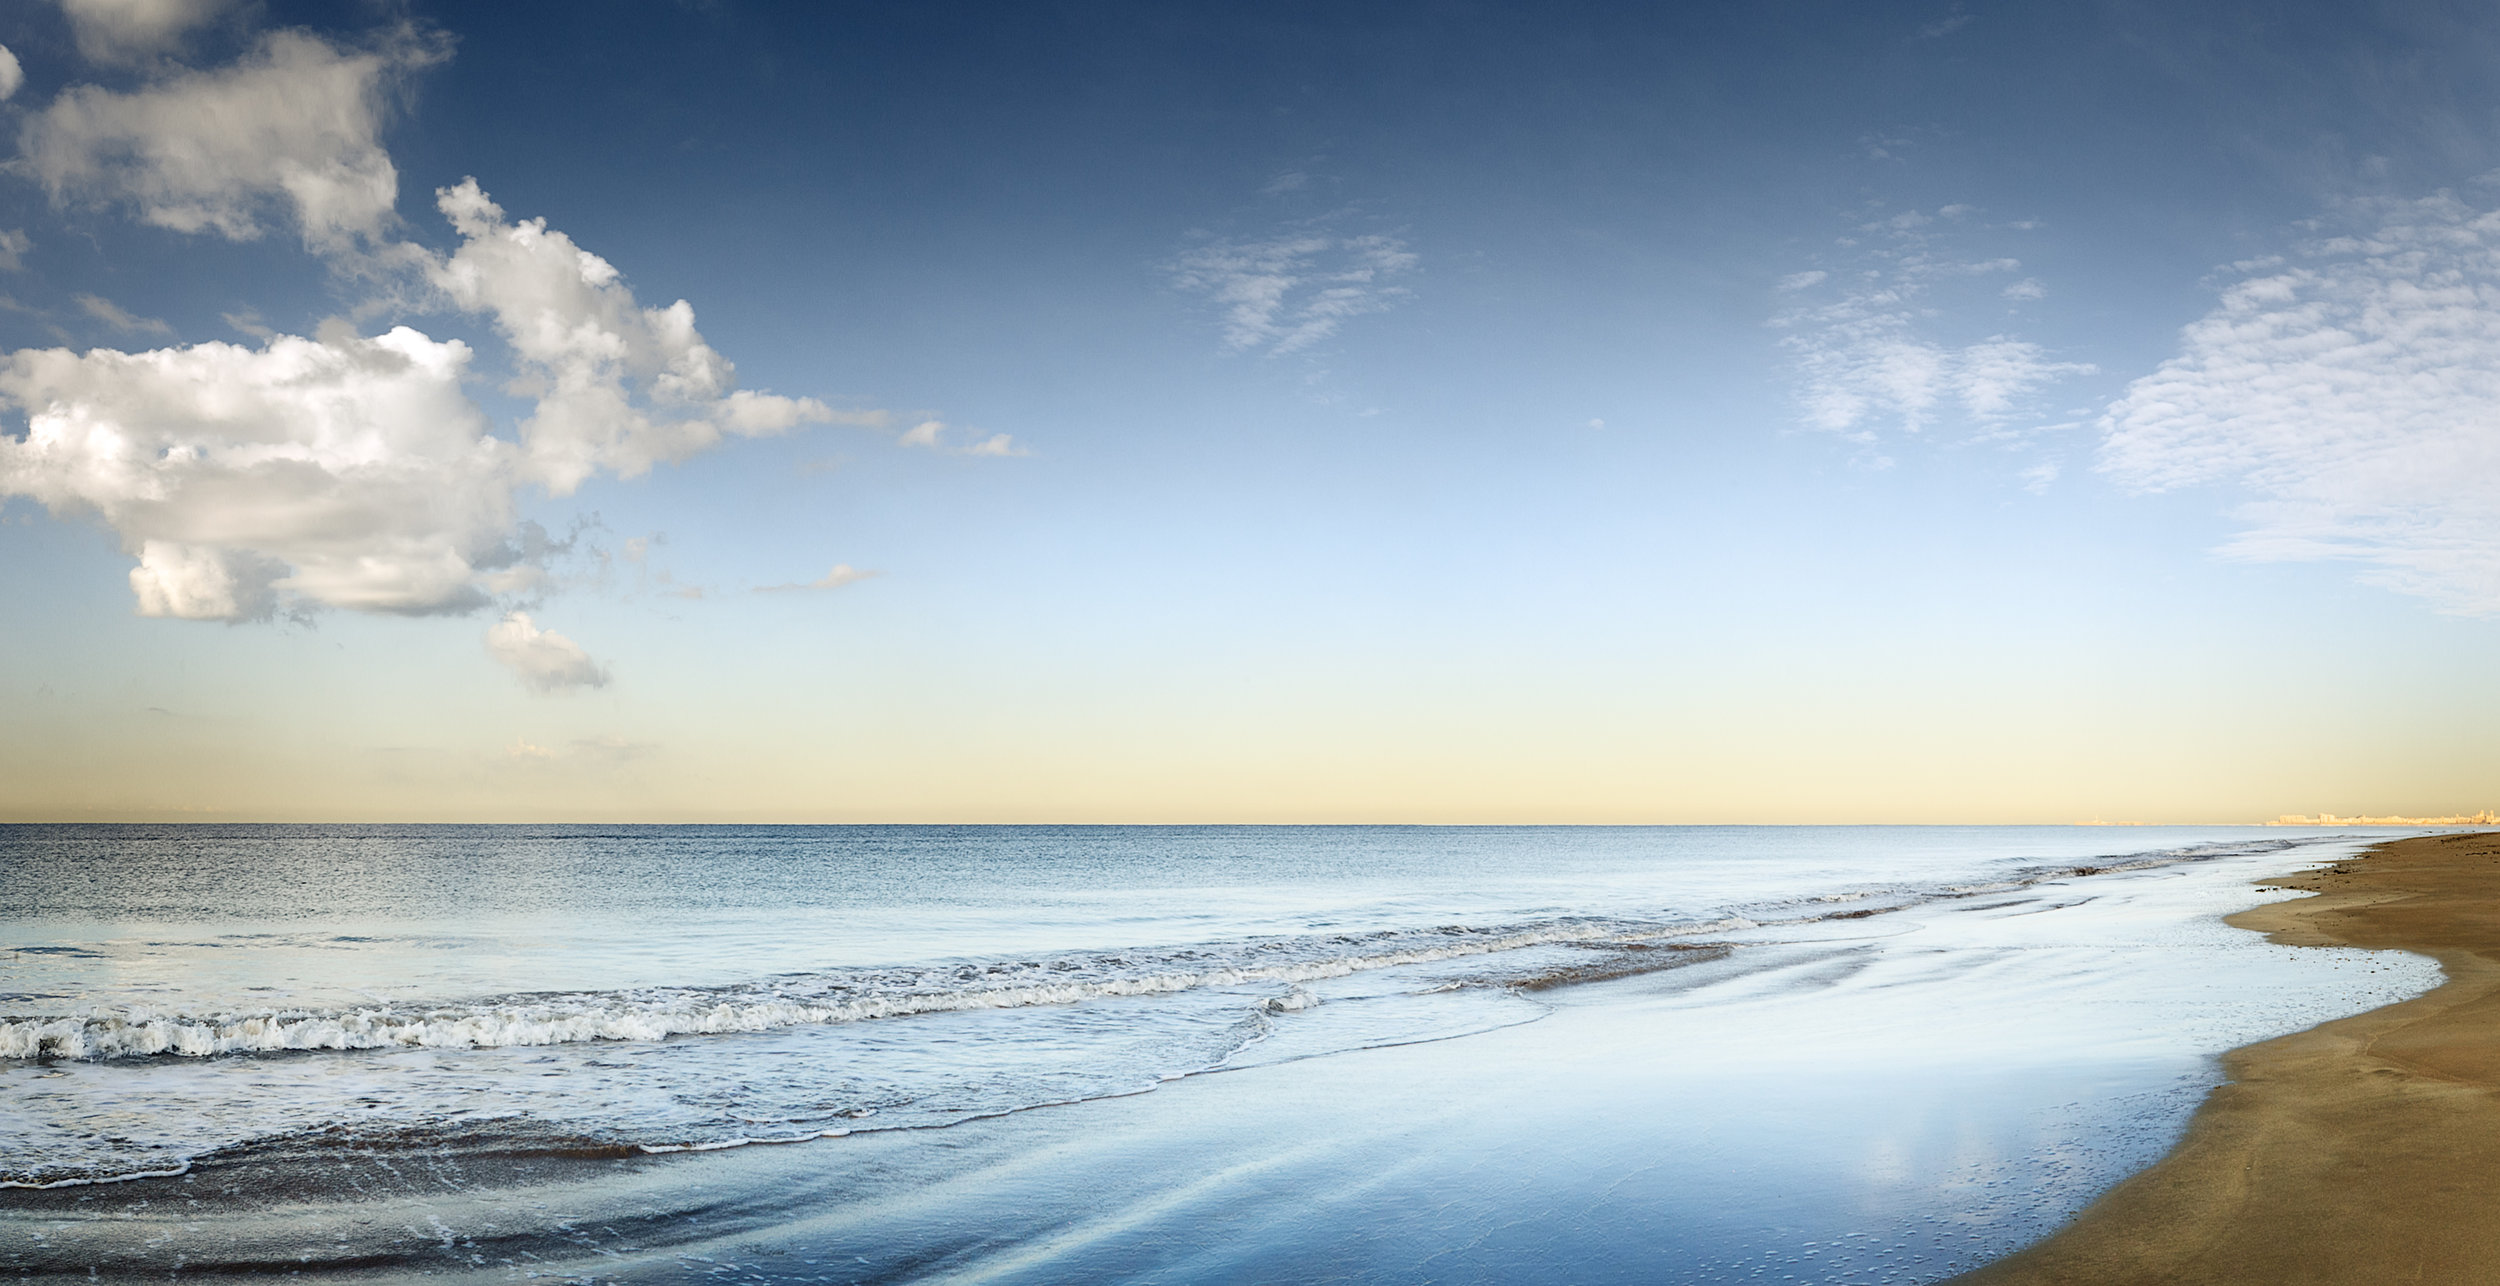 Playa de Santa Catalina. Foto:  Raul Perez Pellicer